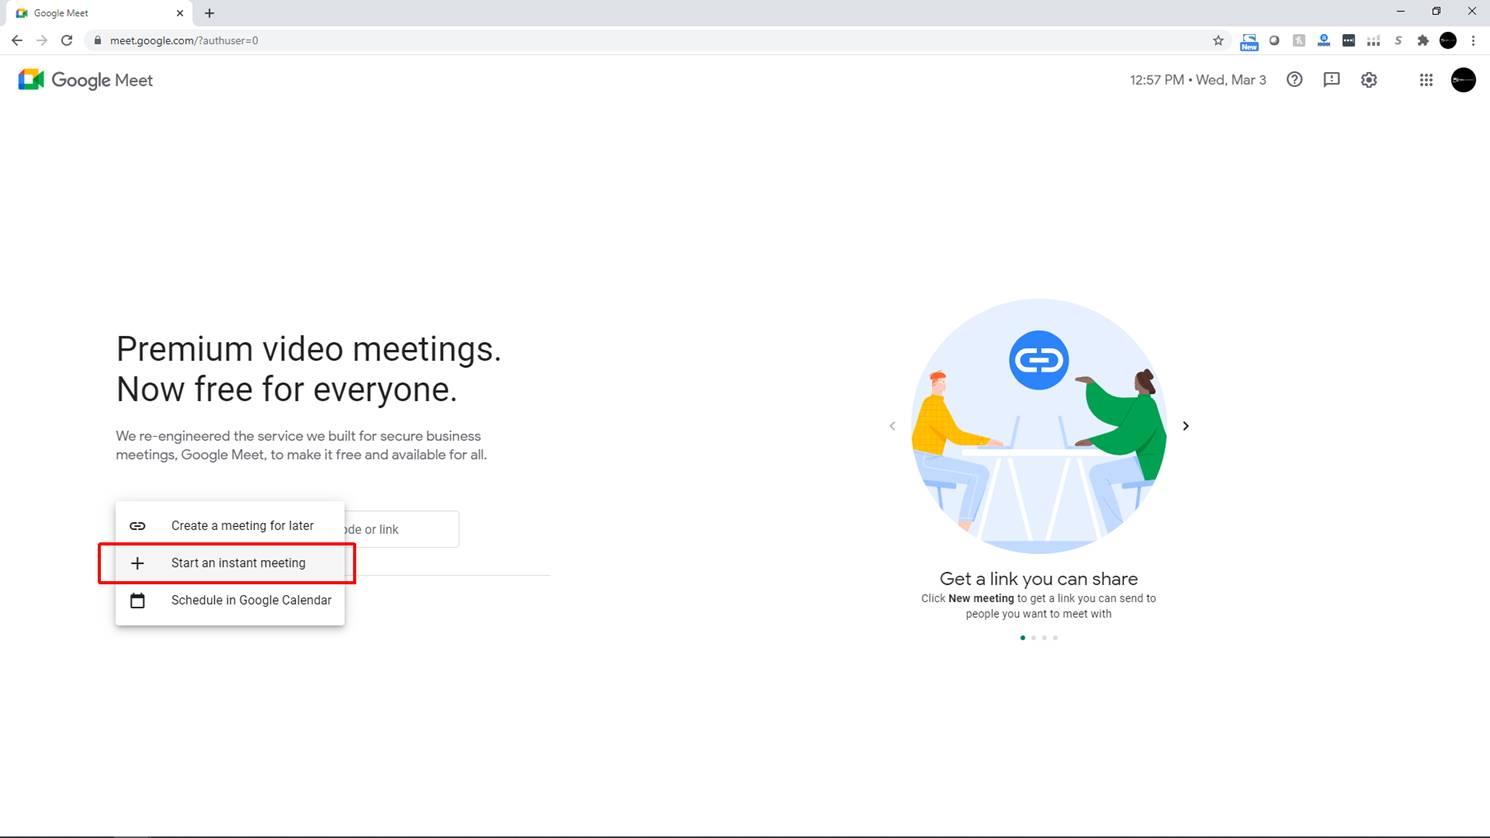 google-meet-2.jpg